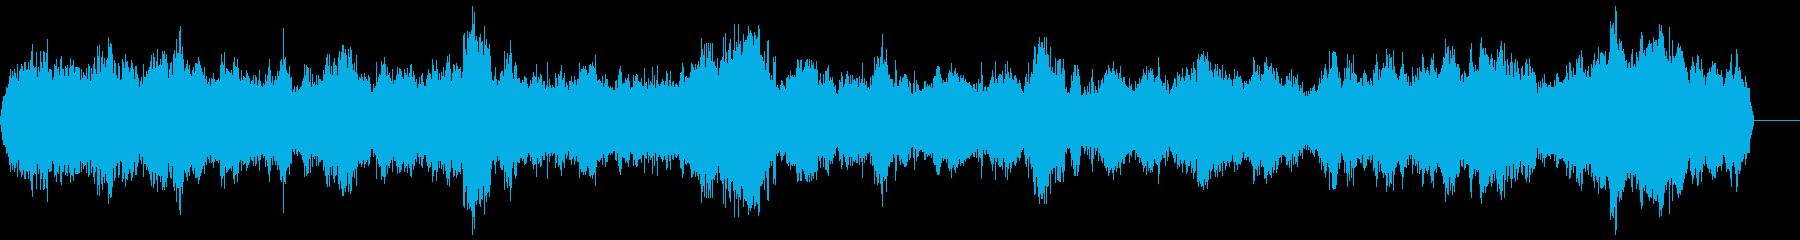 ゾンビ(グループ)血欲でうめき声1の再生済みの波形